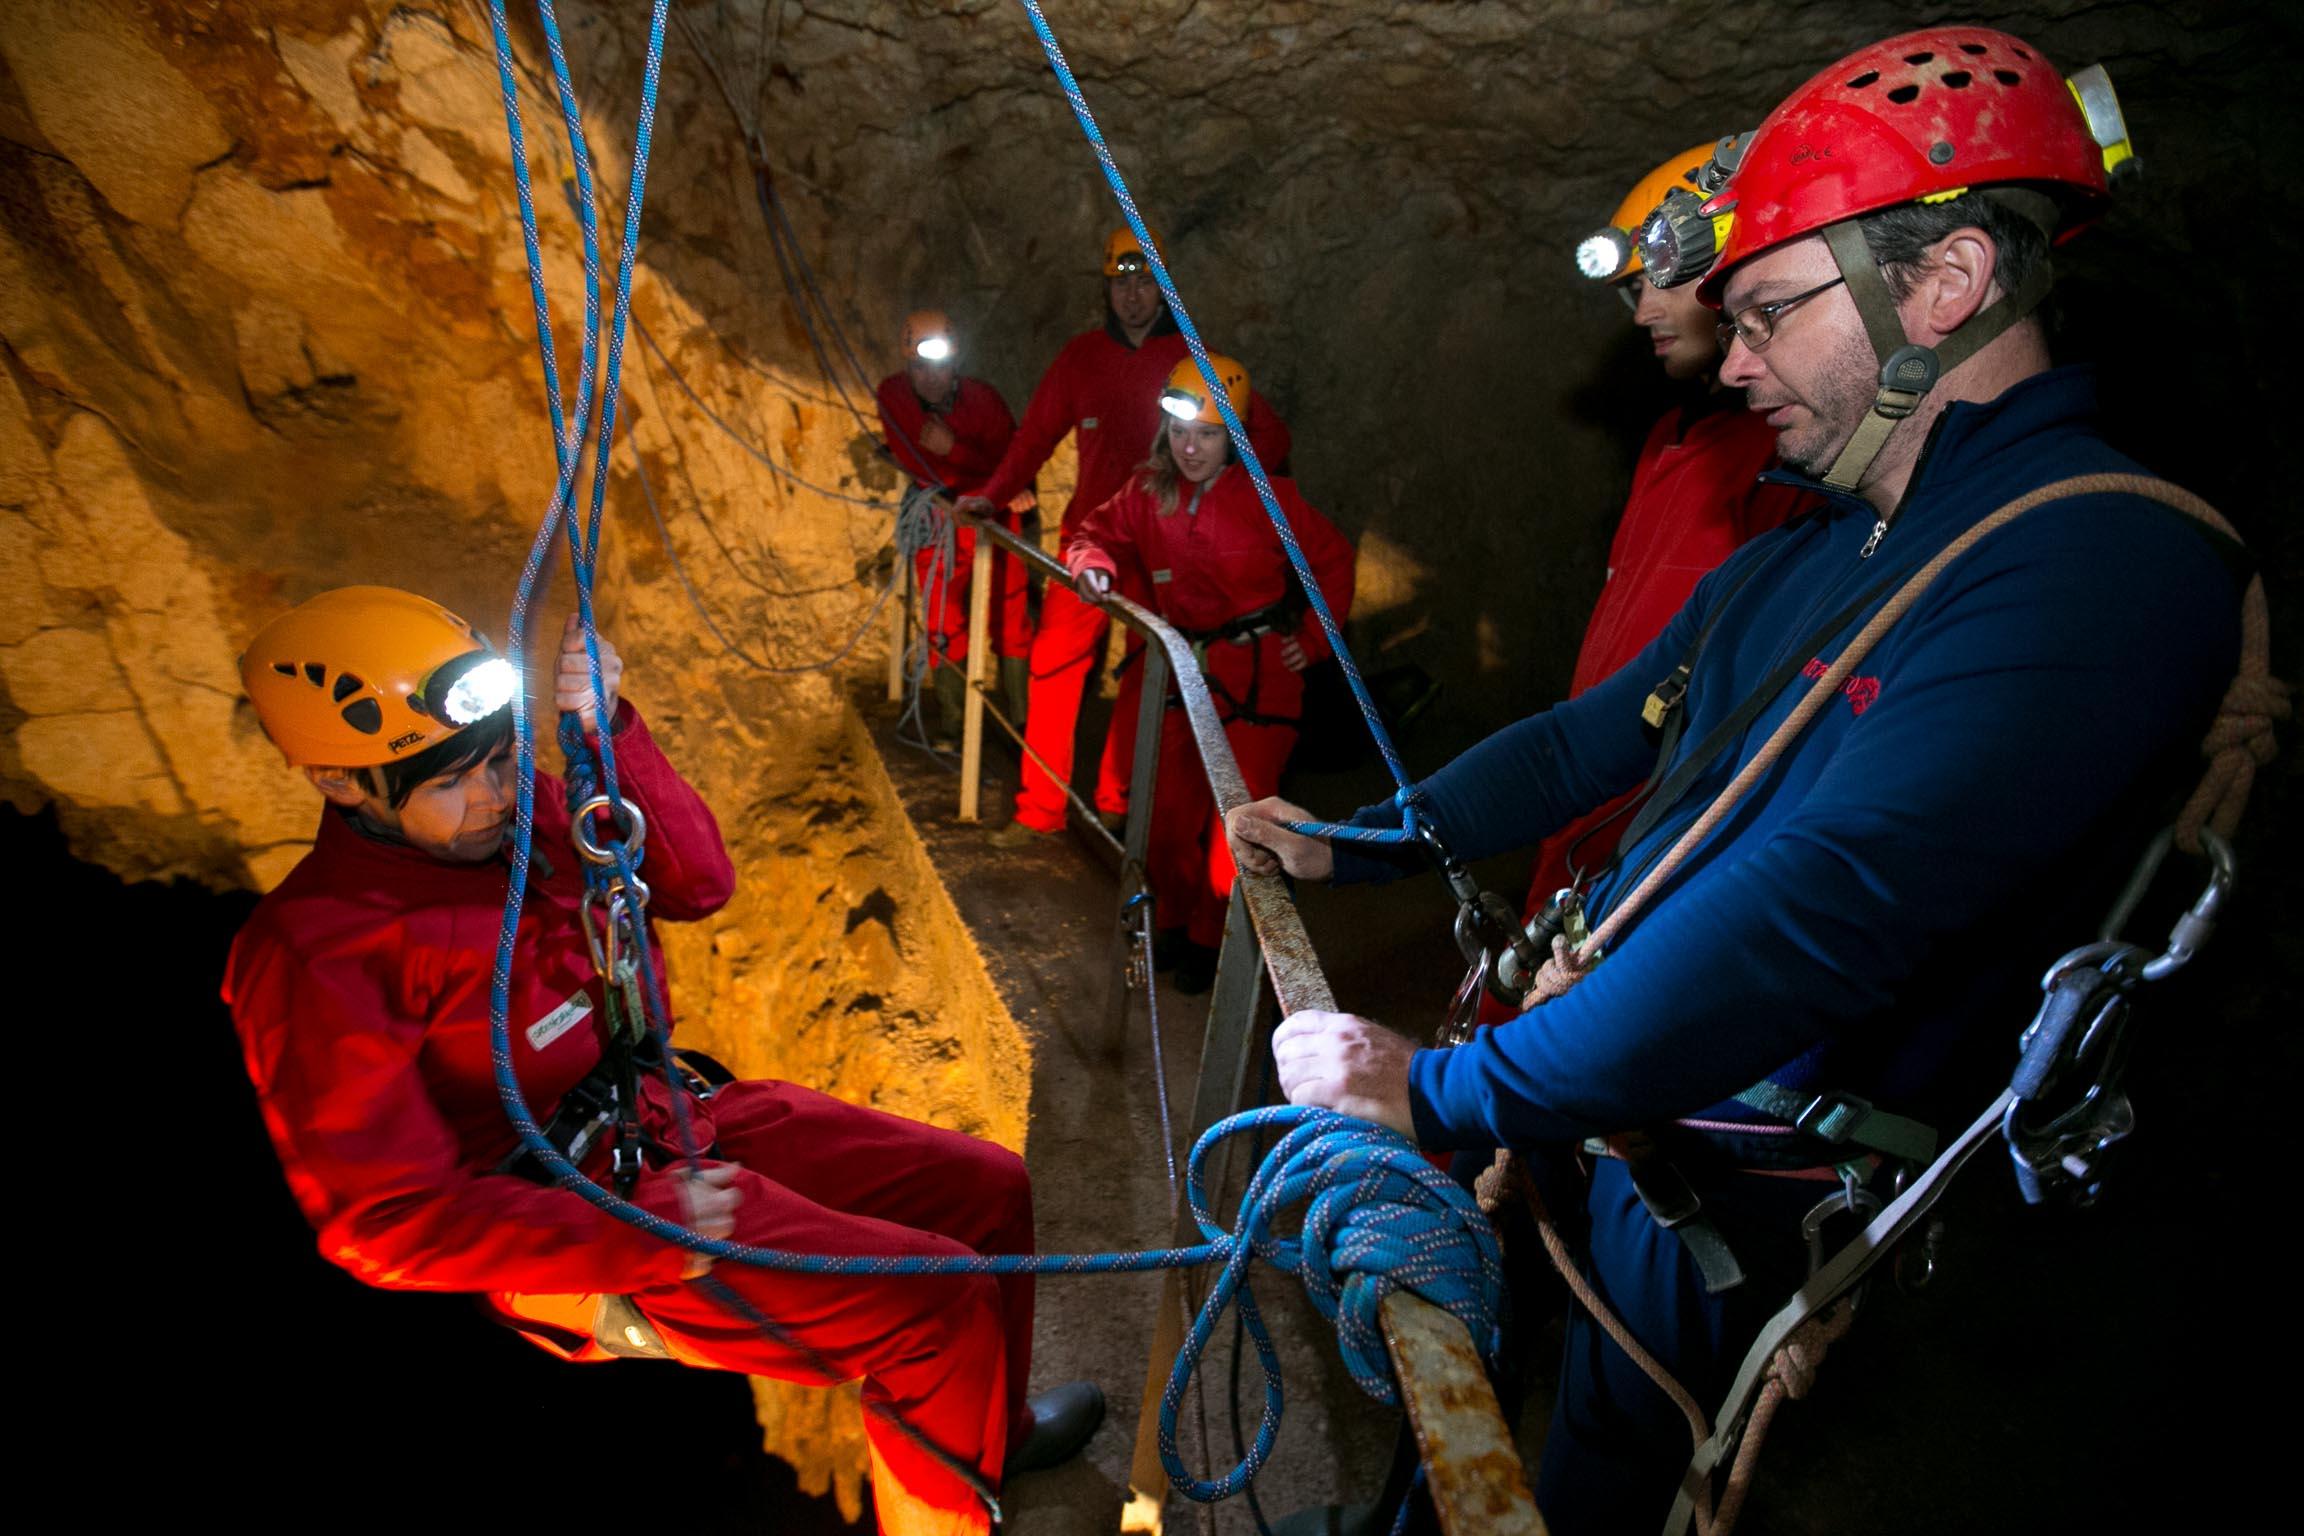 Avventure nelle Grotte di Postumia